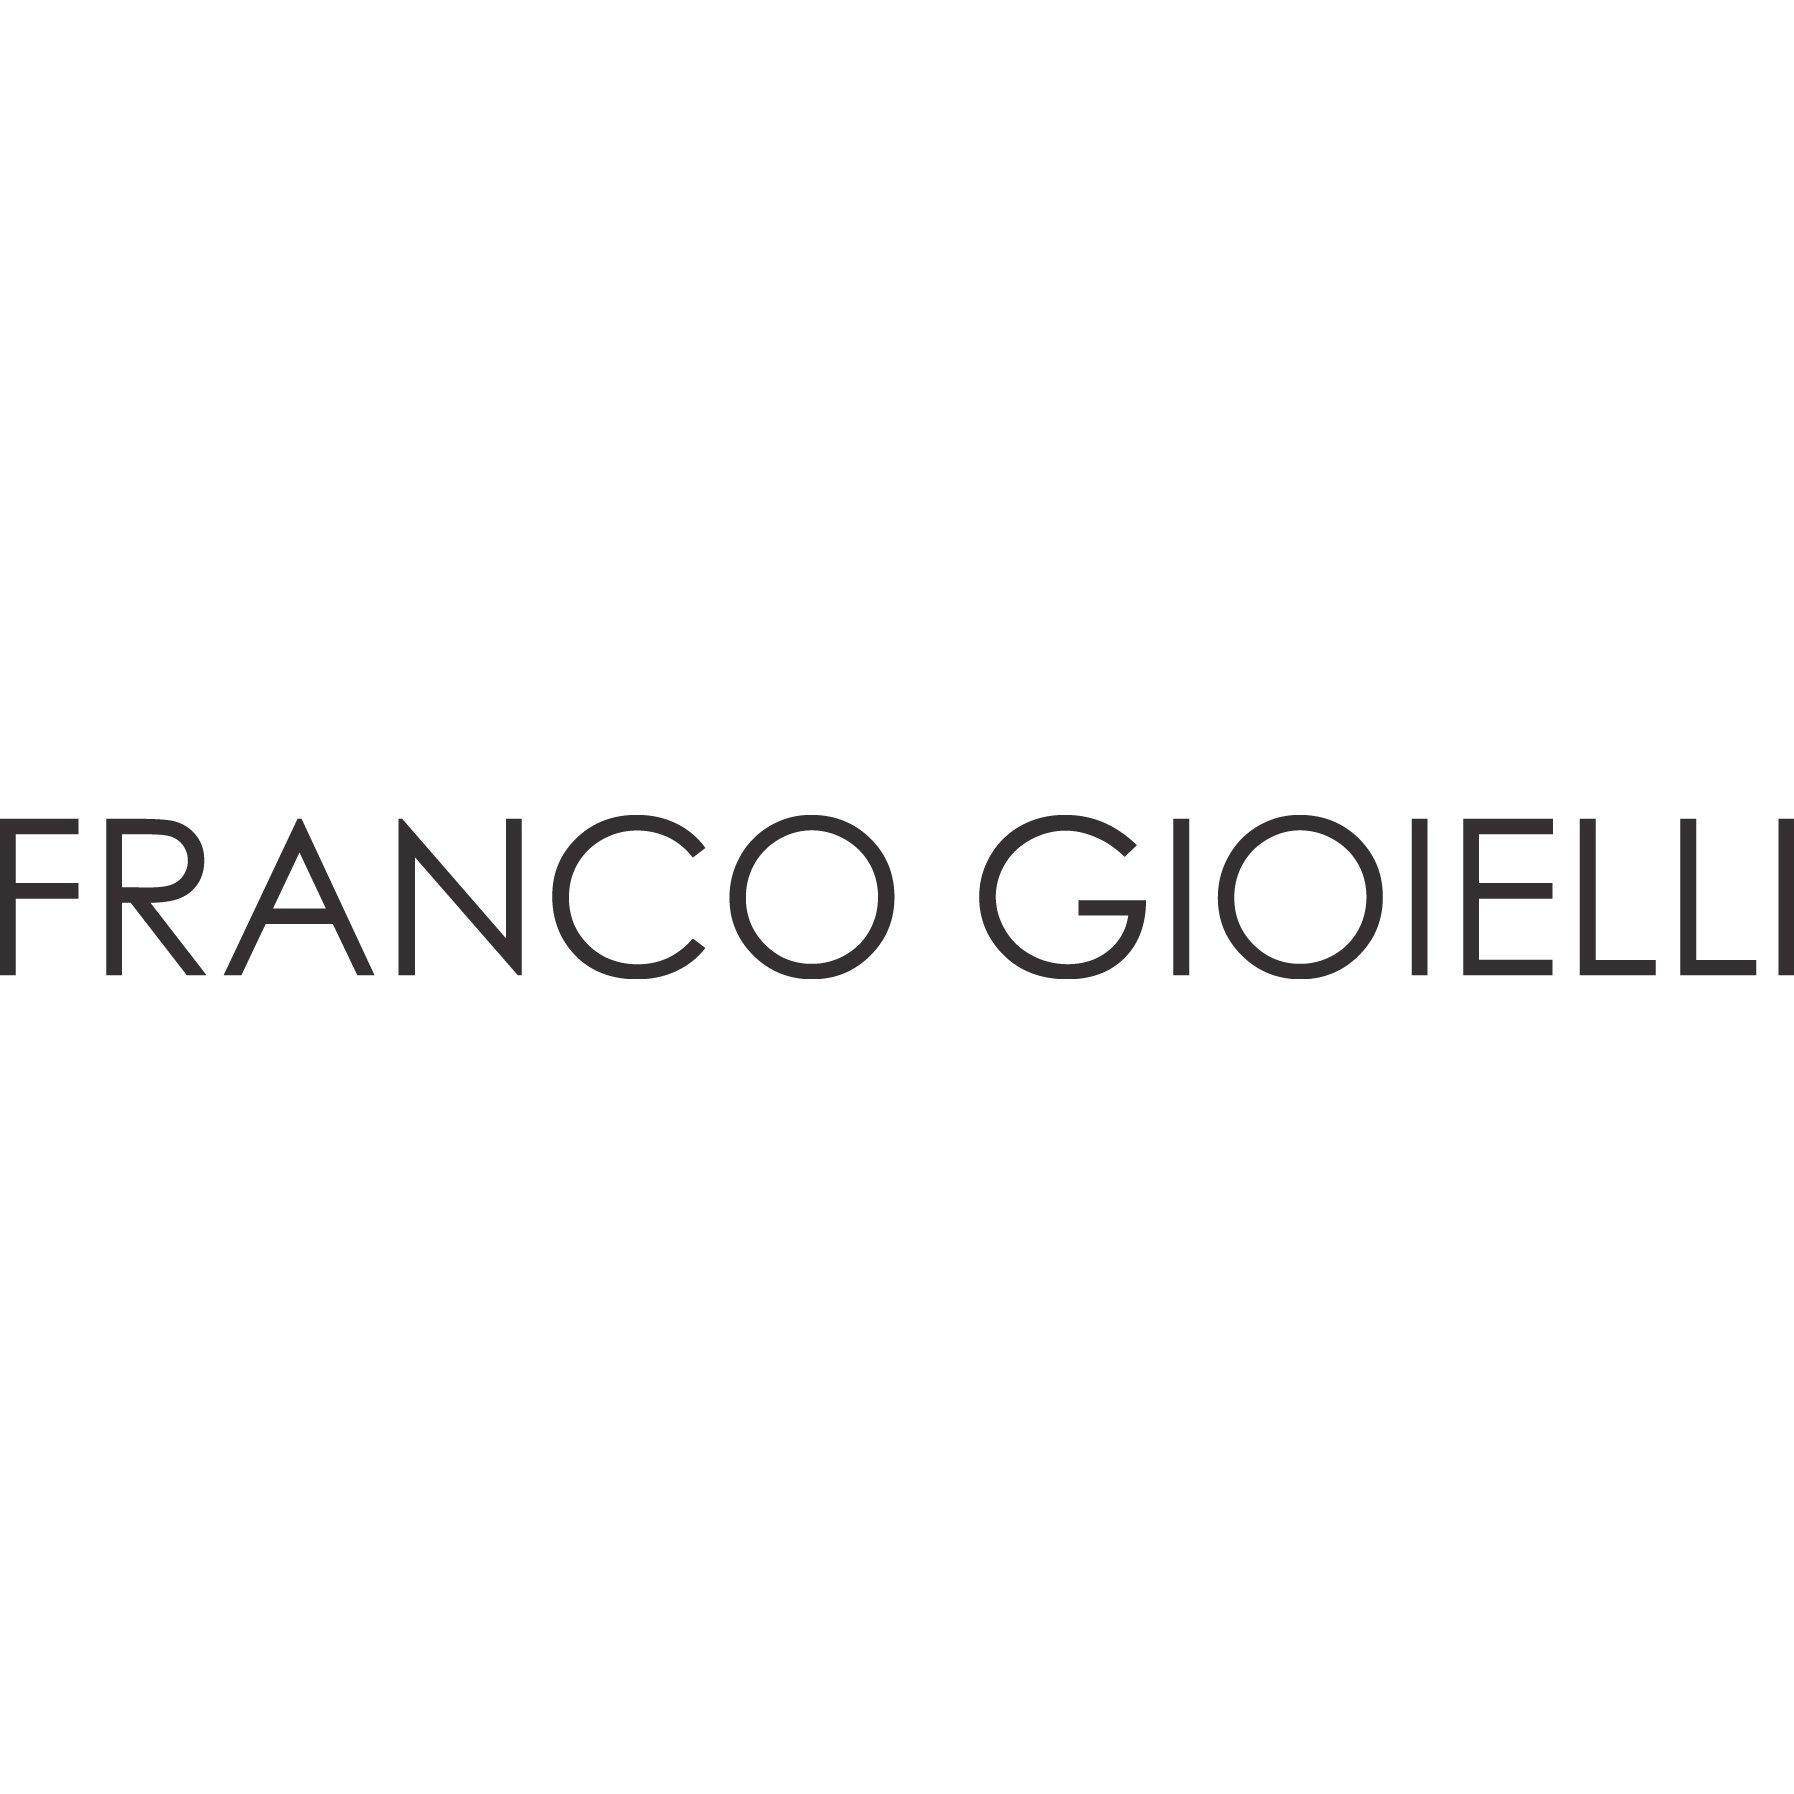 Gioielleria Stroili - Gioiellerie e oreficerie - vendita al dettaglio Castelfranco Veneto